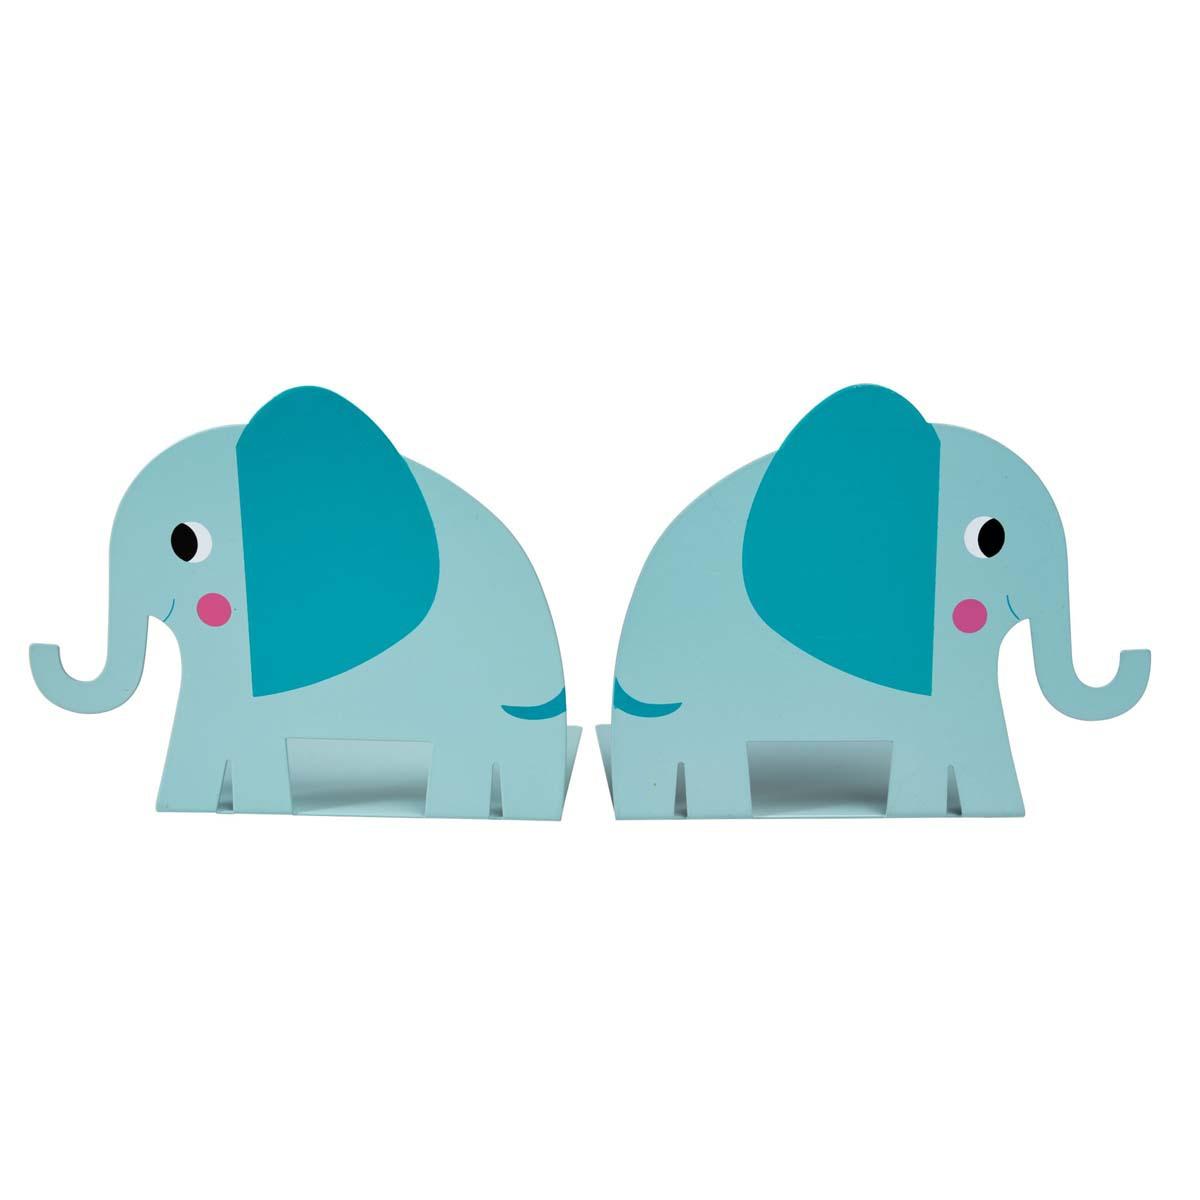 Livre & Carte Serre-Livres Elvis l'Eléphant Serre-Livres Elvis l'Eléphant